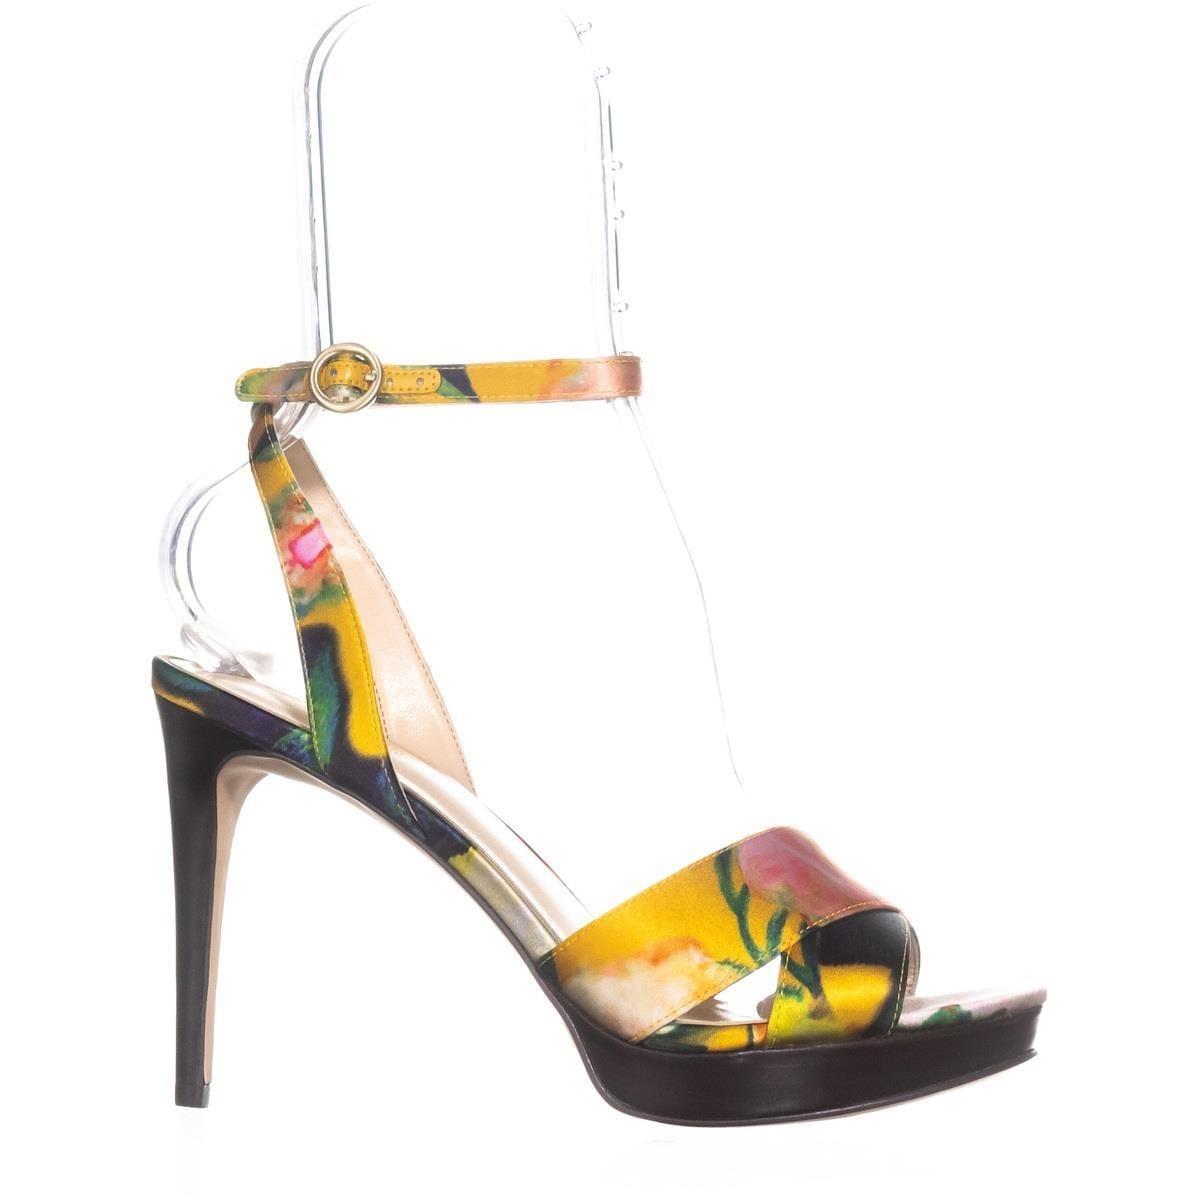 880d39393ca2 Shop Nine West Quisha Criss Cross Ankle Strap Sandals